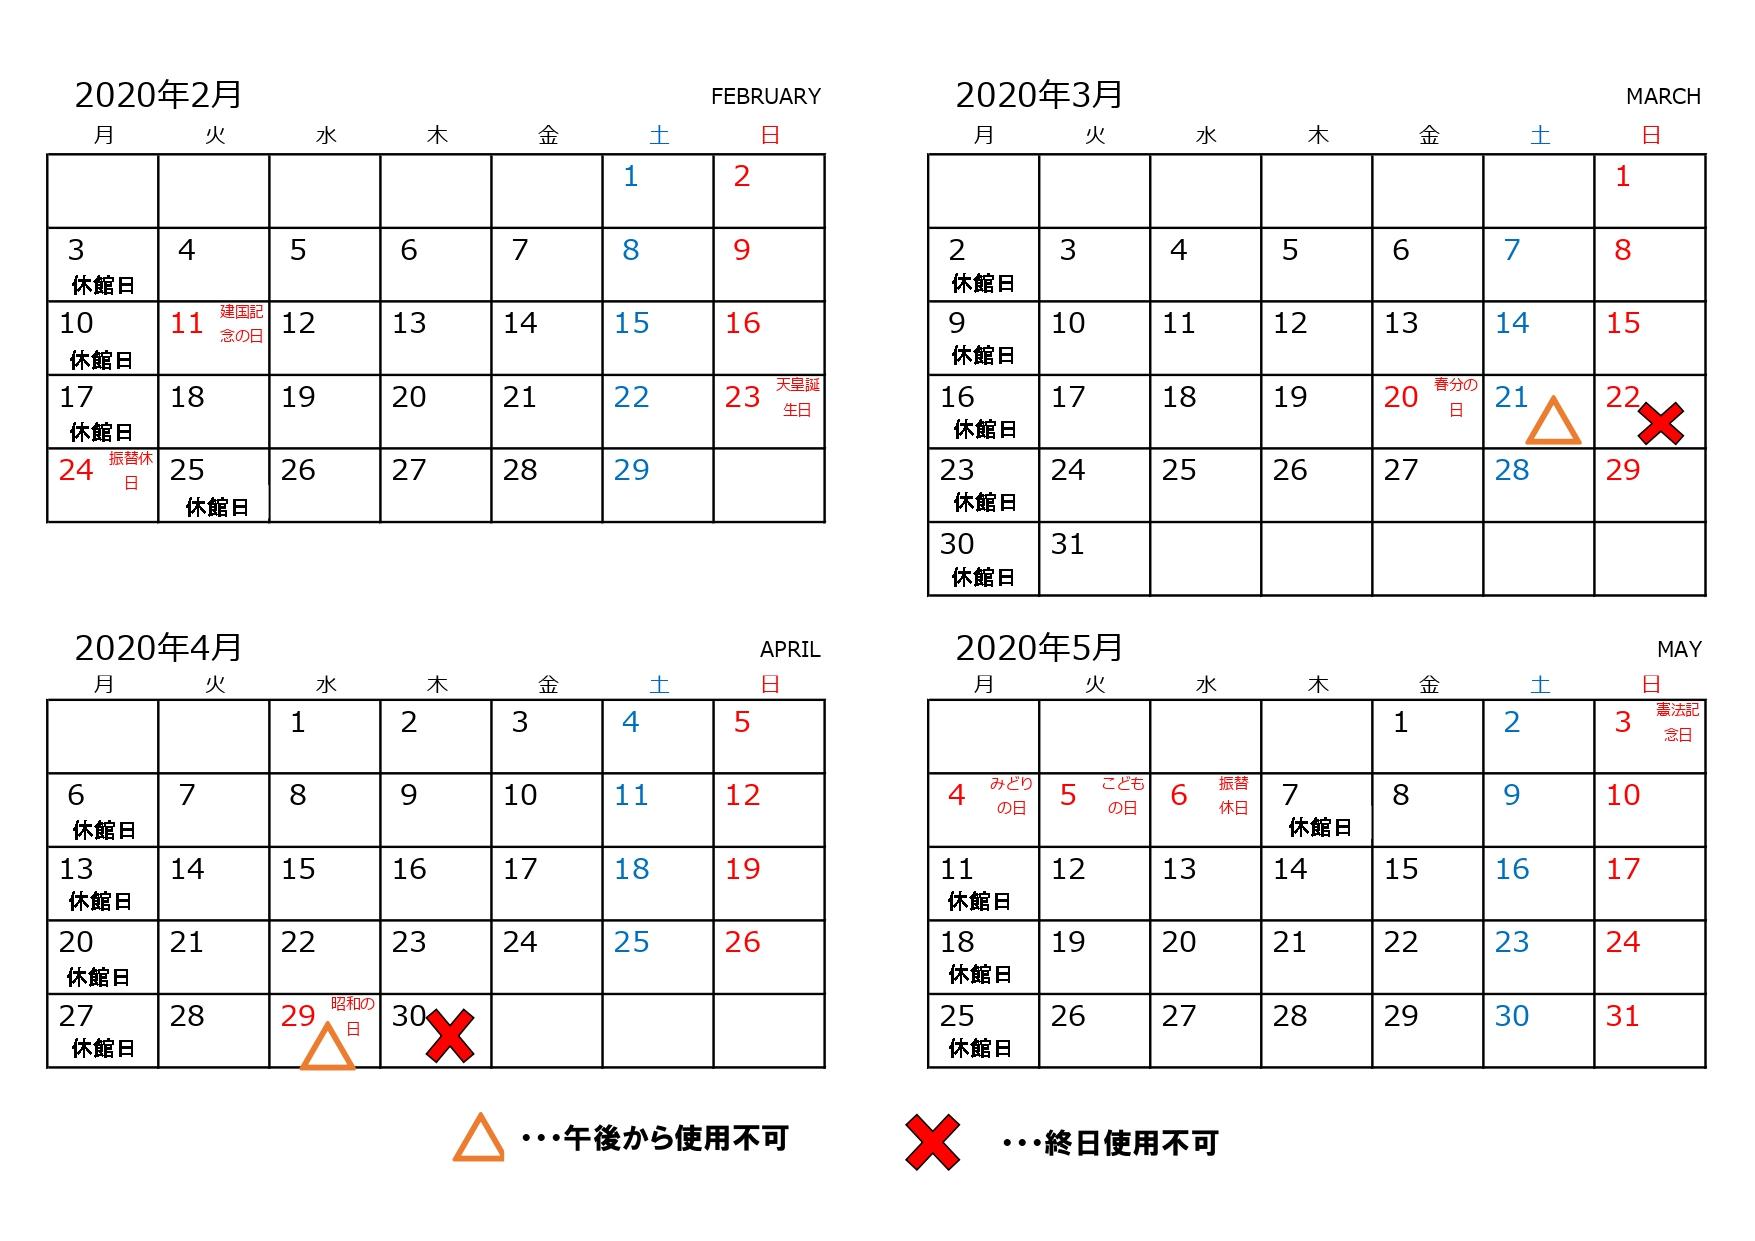 みるシルカレンダー